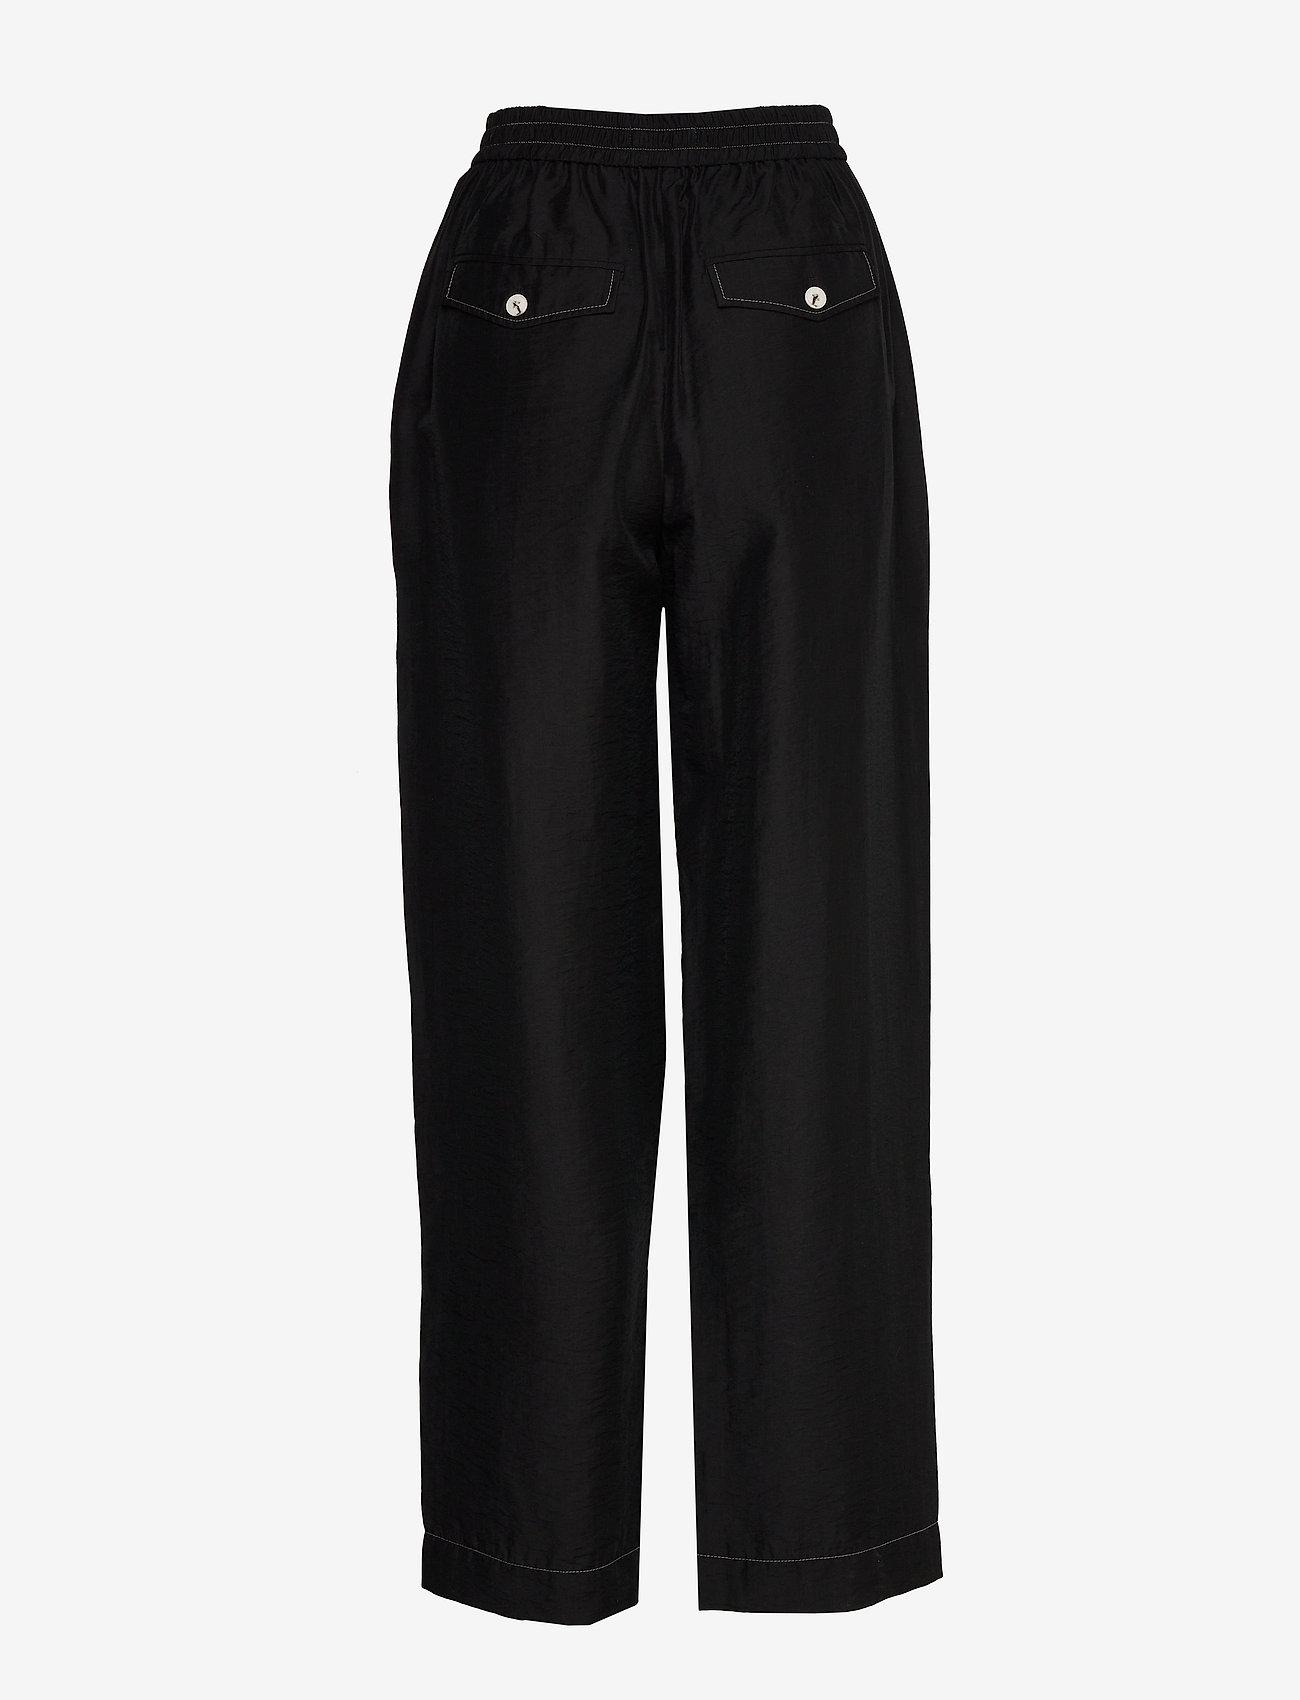 Wood Wood - Tilly trousers - bukser med brede ben - black - 1